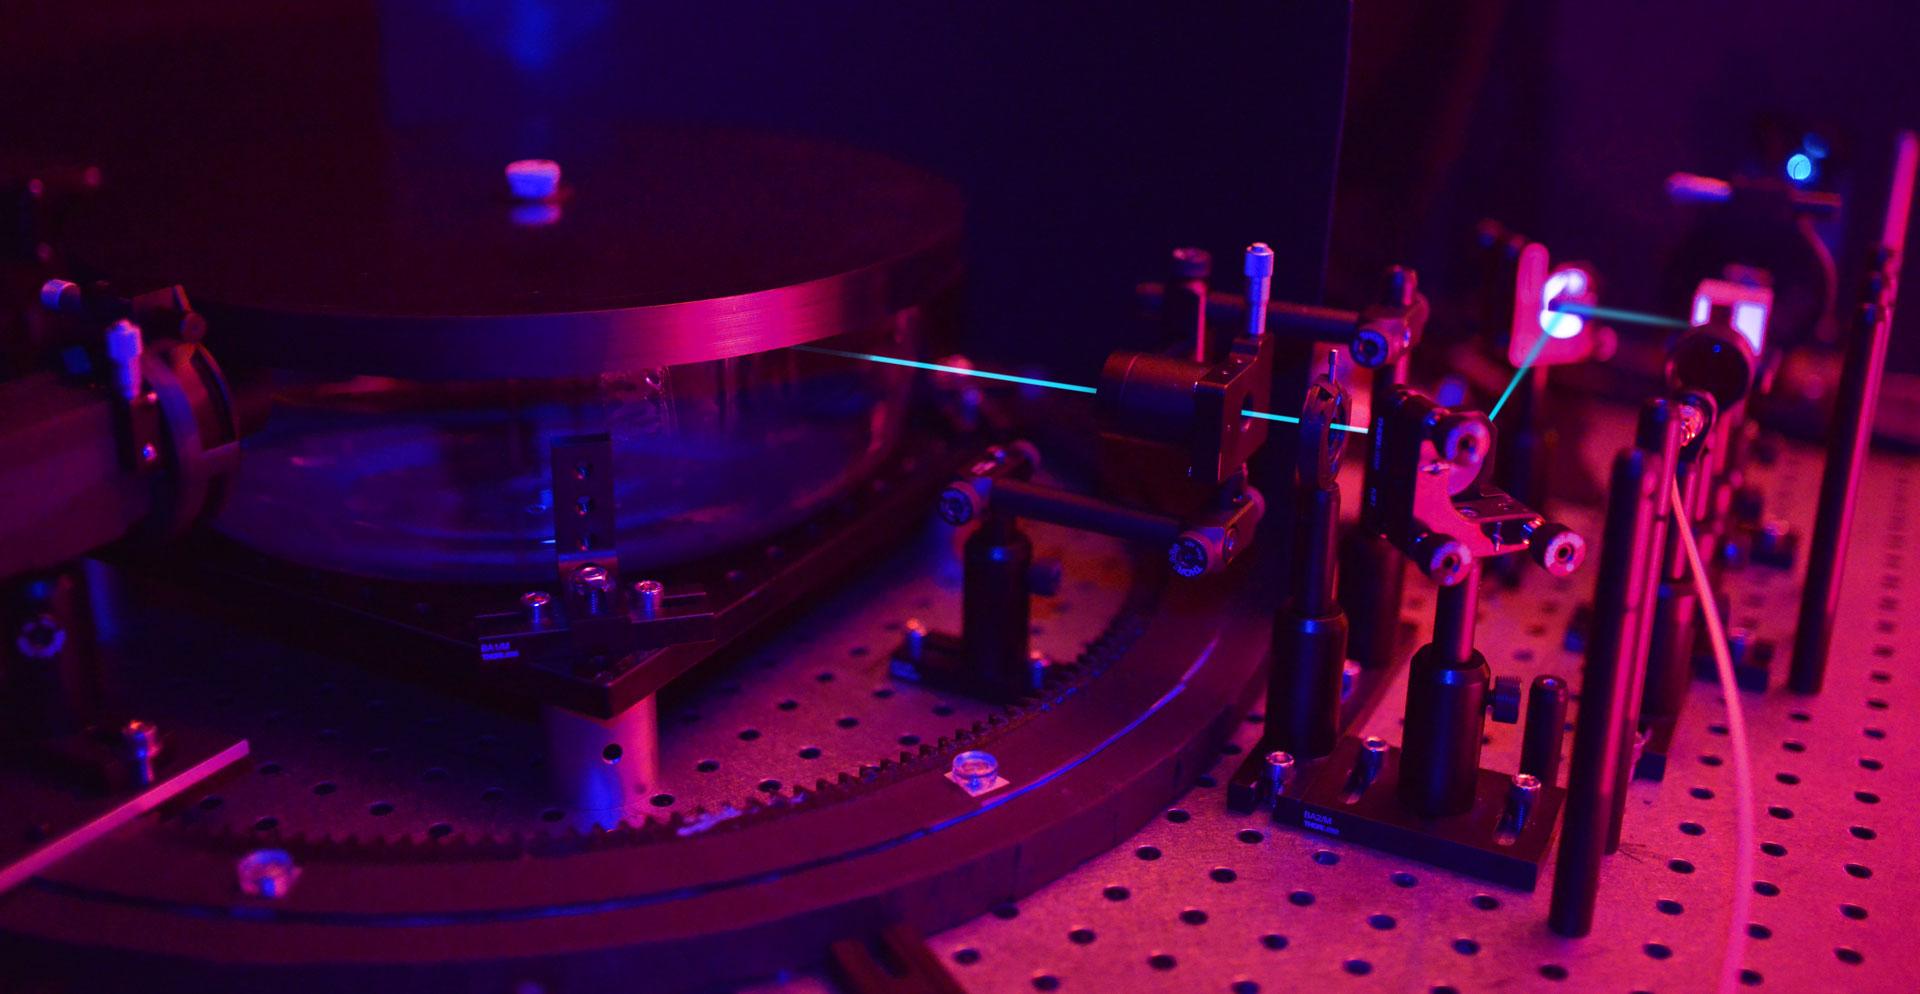 Drehkranz für 360° Spektrometer Messungen